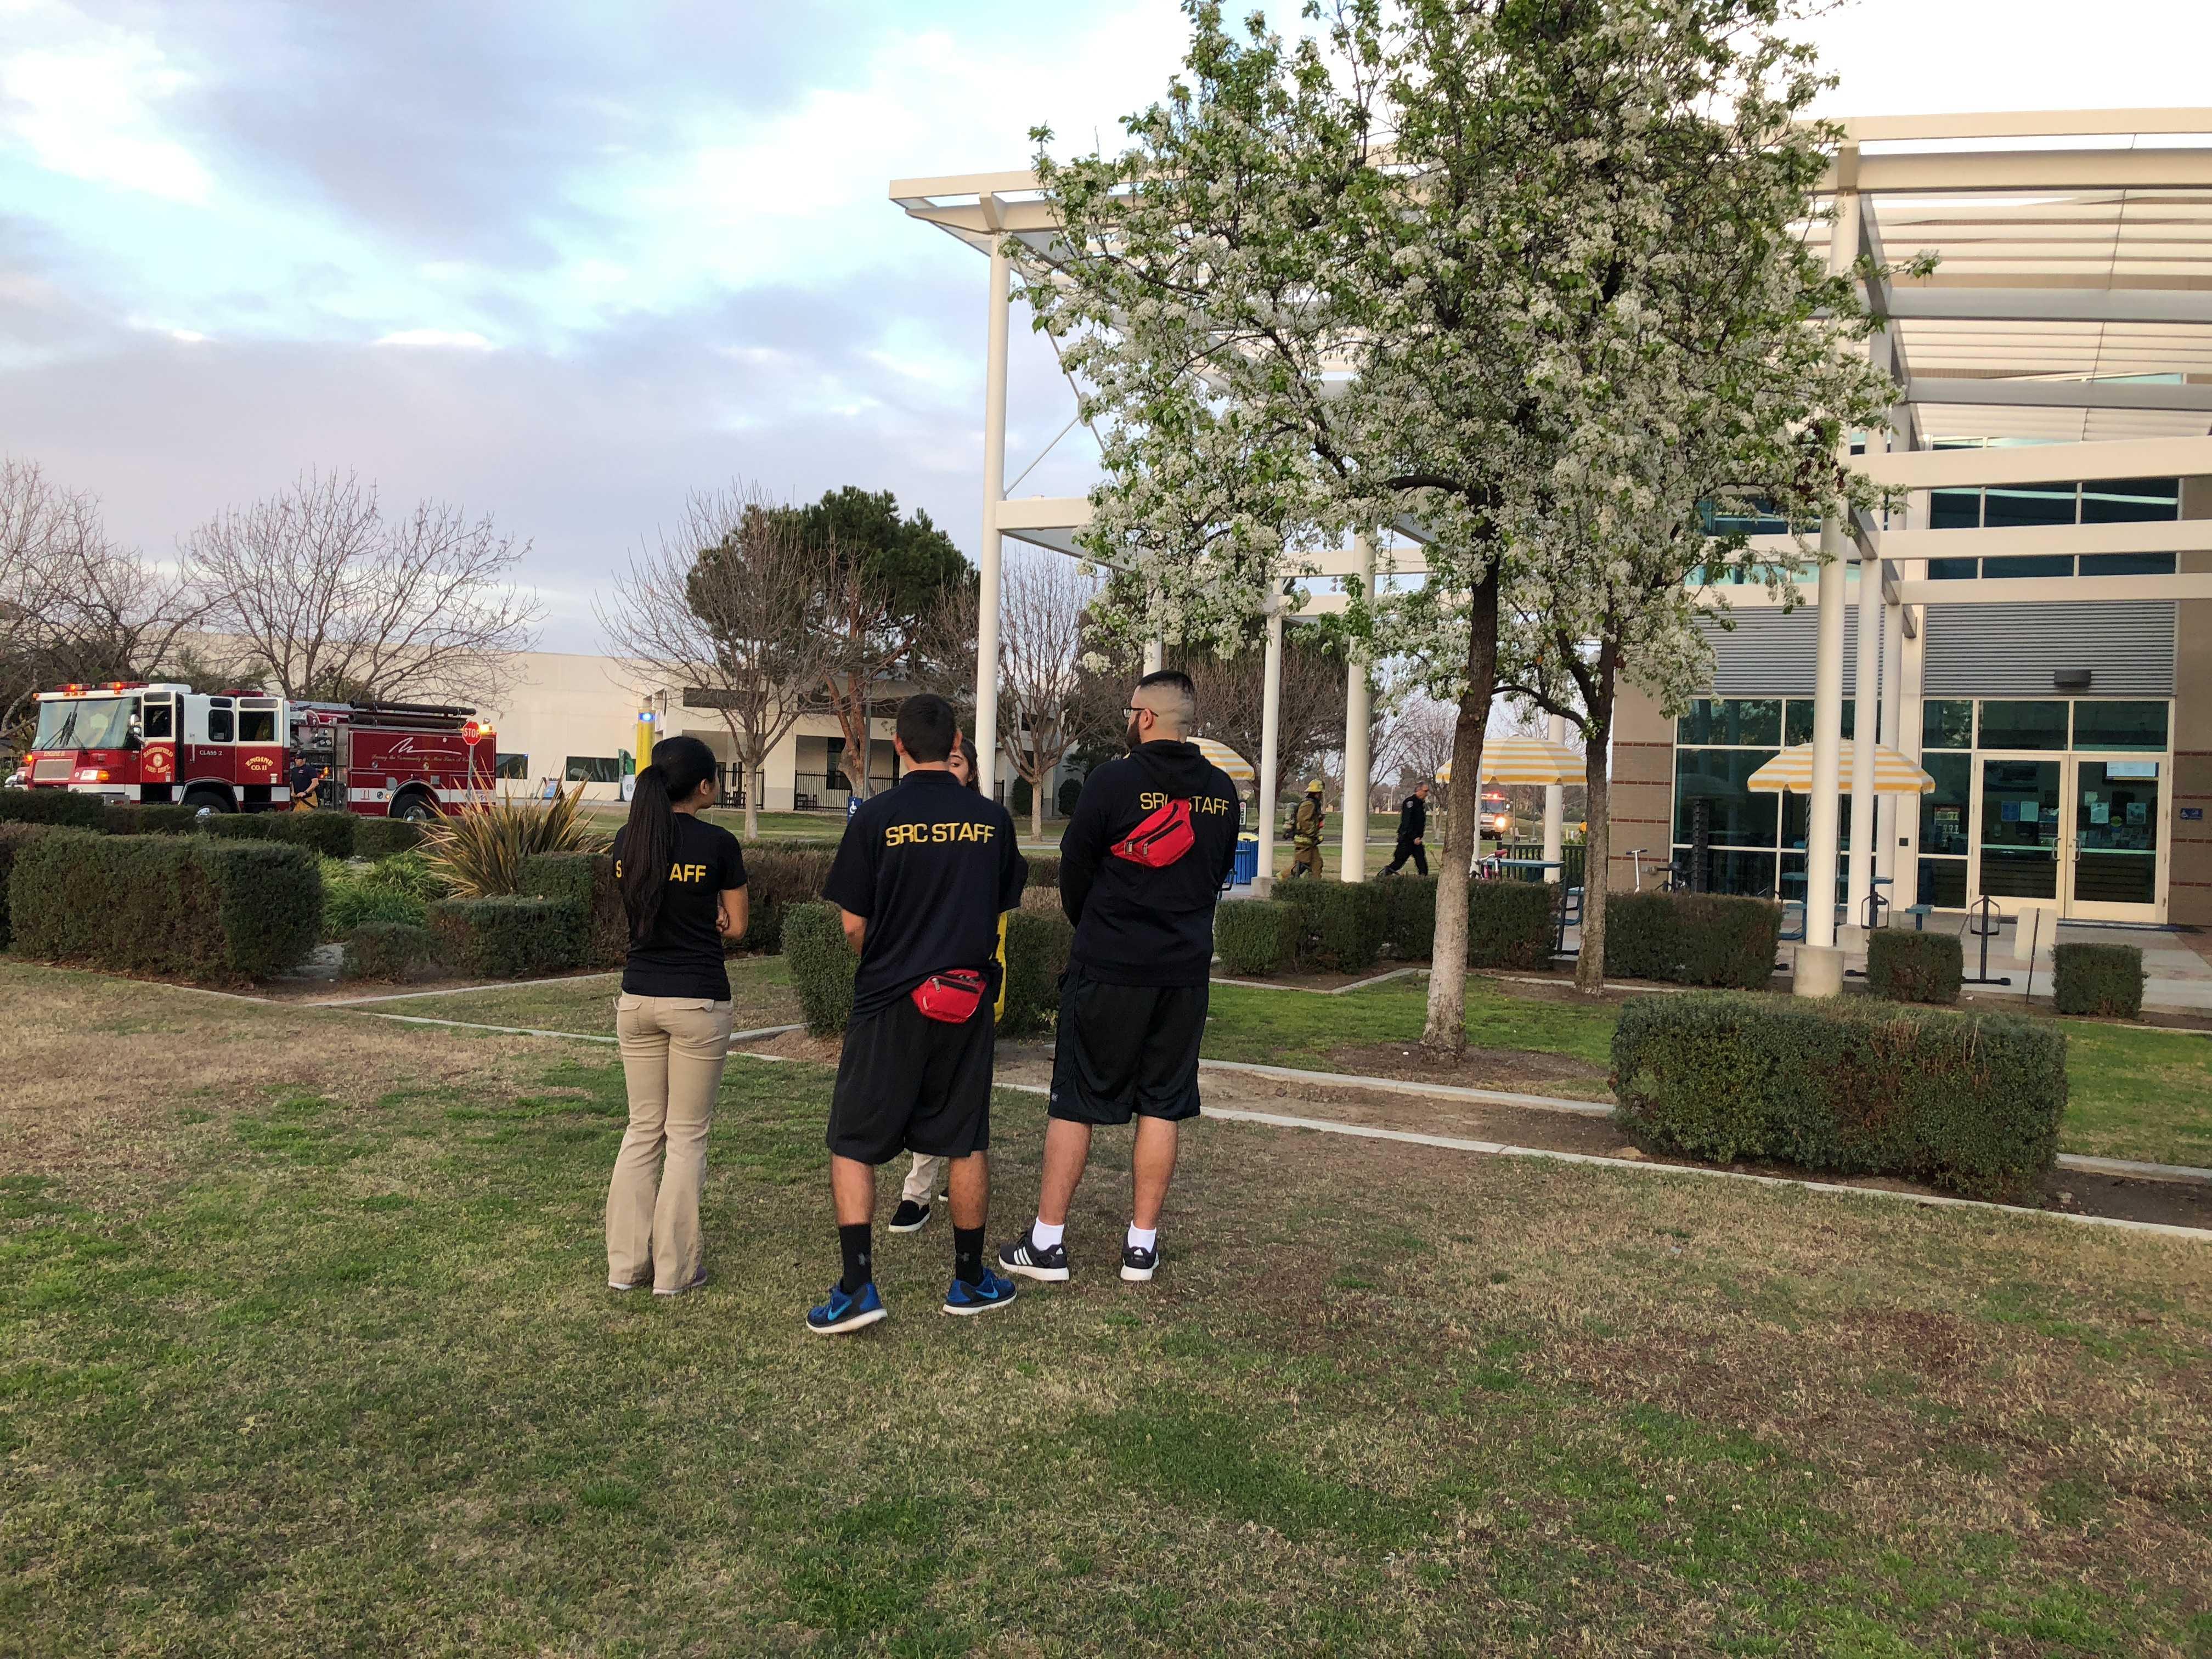 Fire alarm set off at SRC